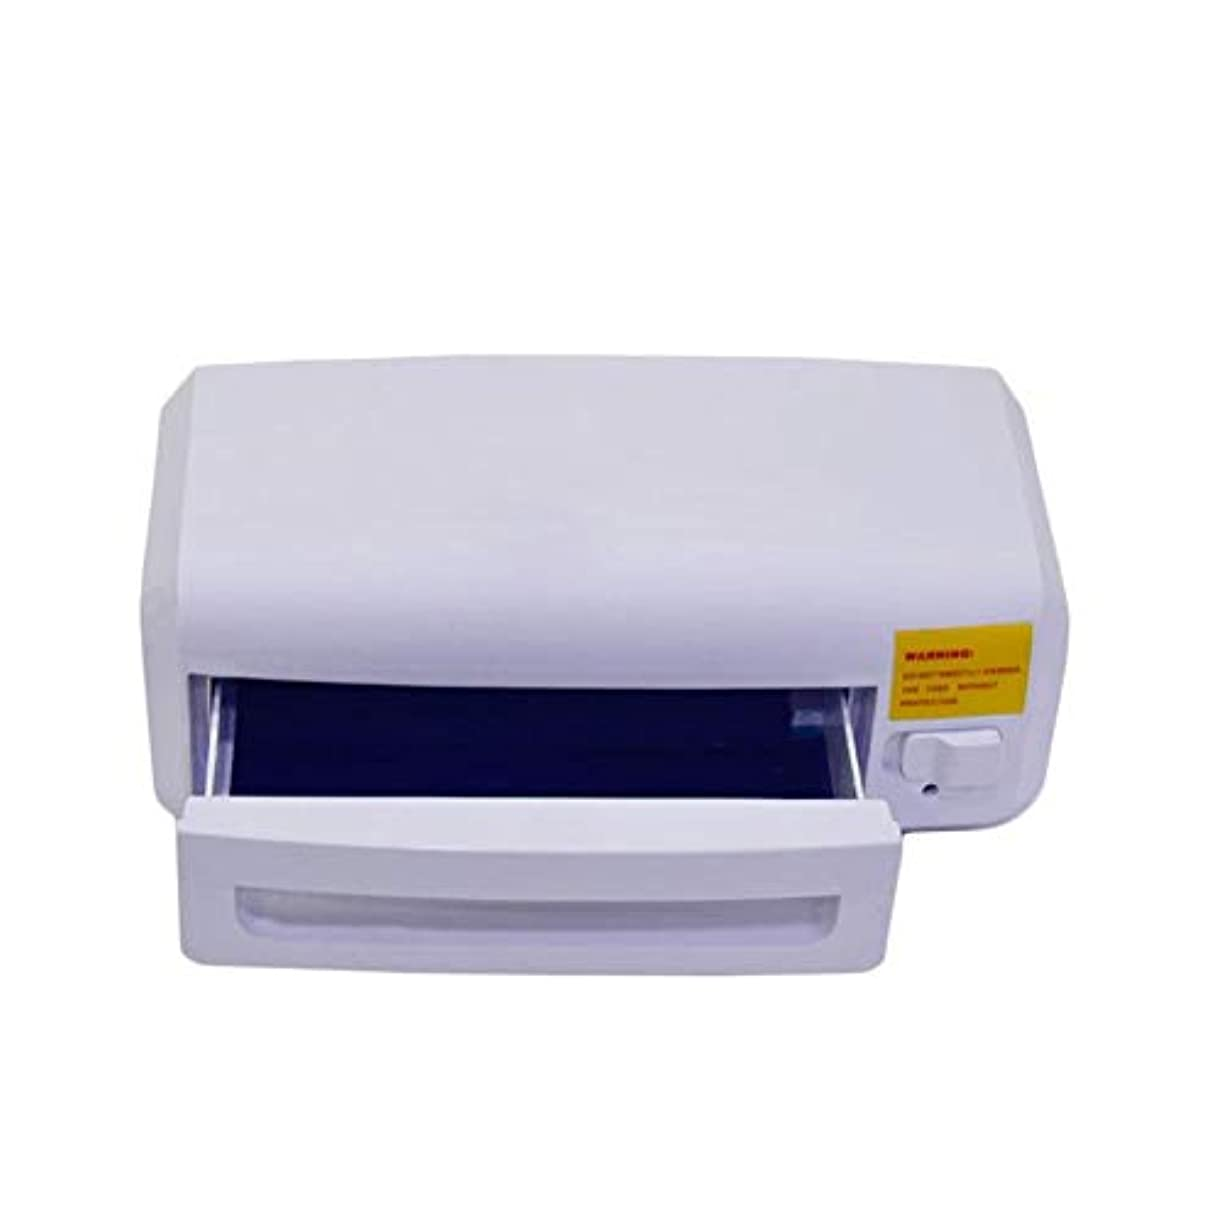 モーター繰り返す扇動するネイル滅菌装置8ワット消毒機UVタオル消毒キャビネットマニキュア美容ツールUV滅菌サロン消毒機